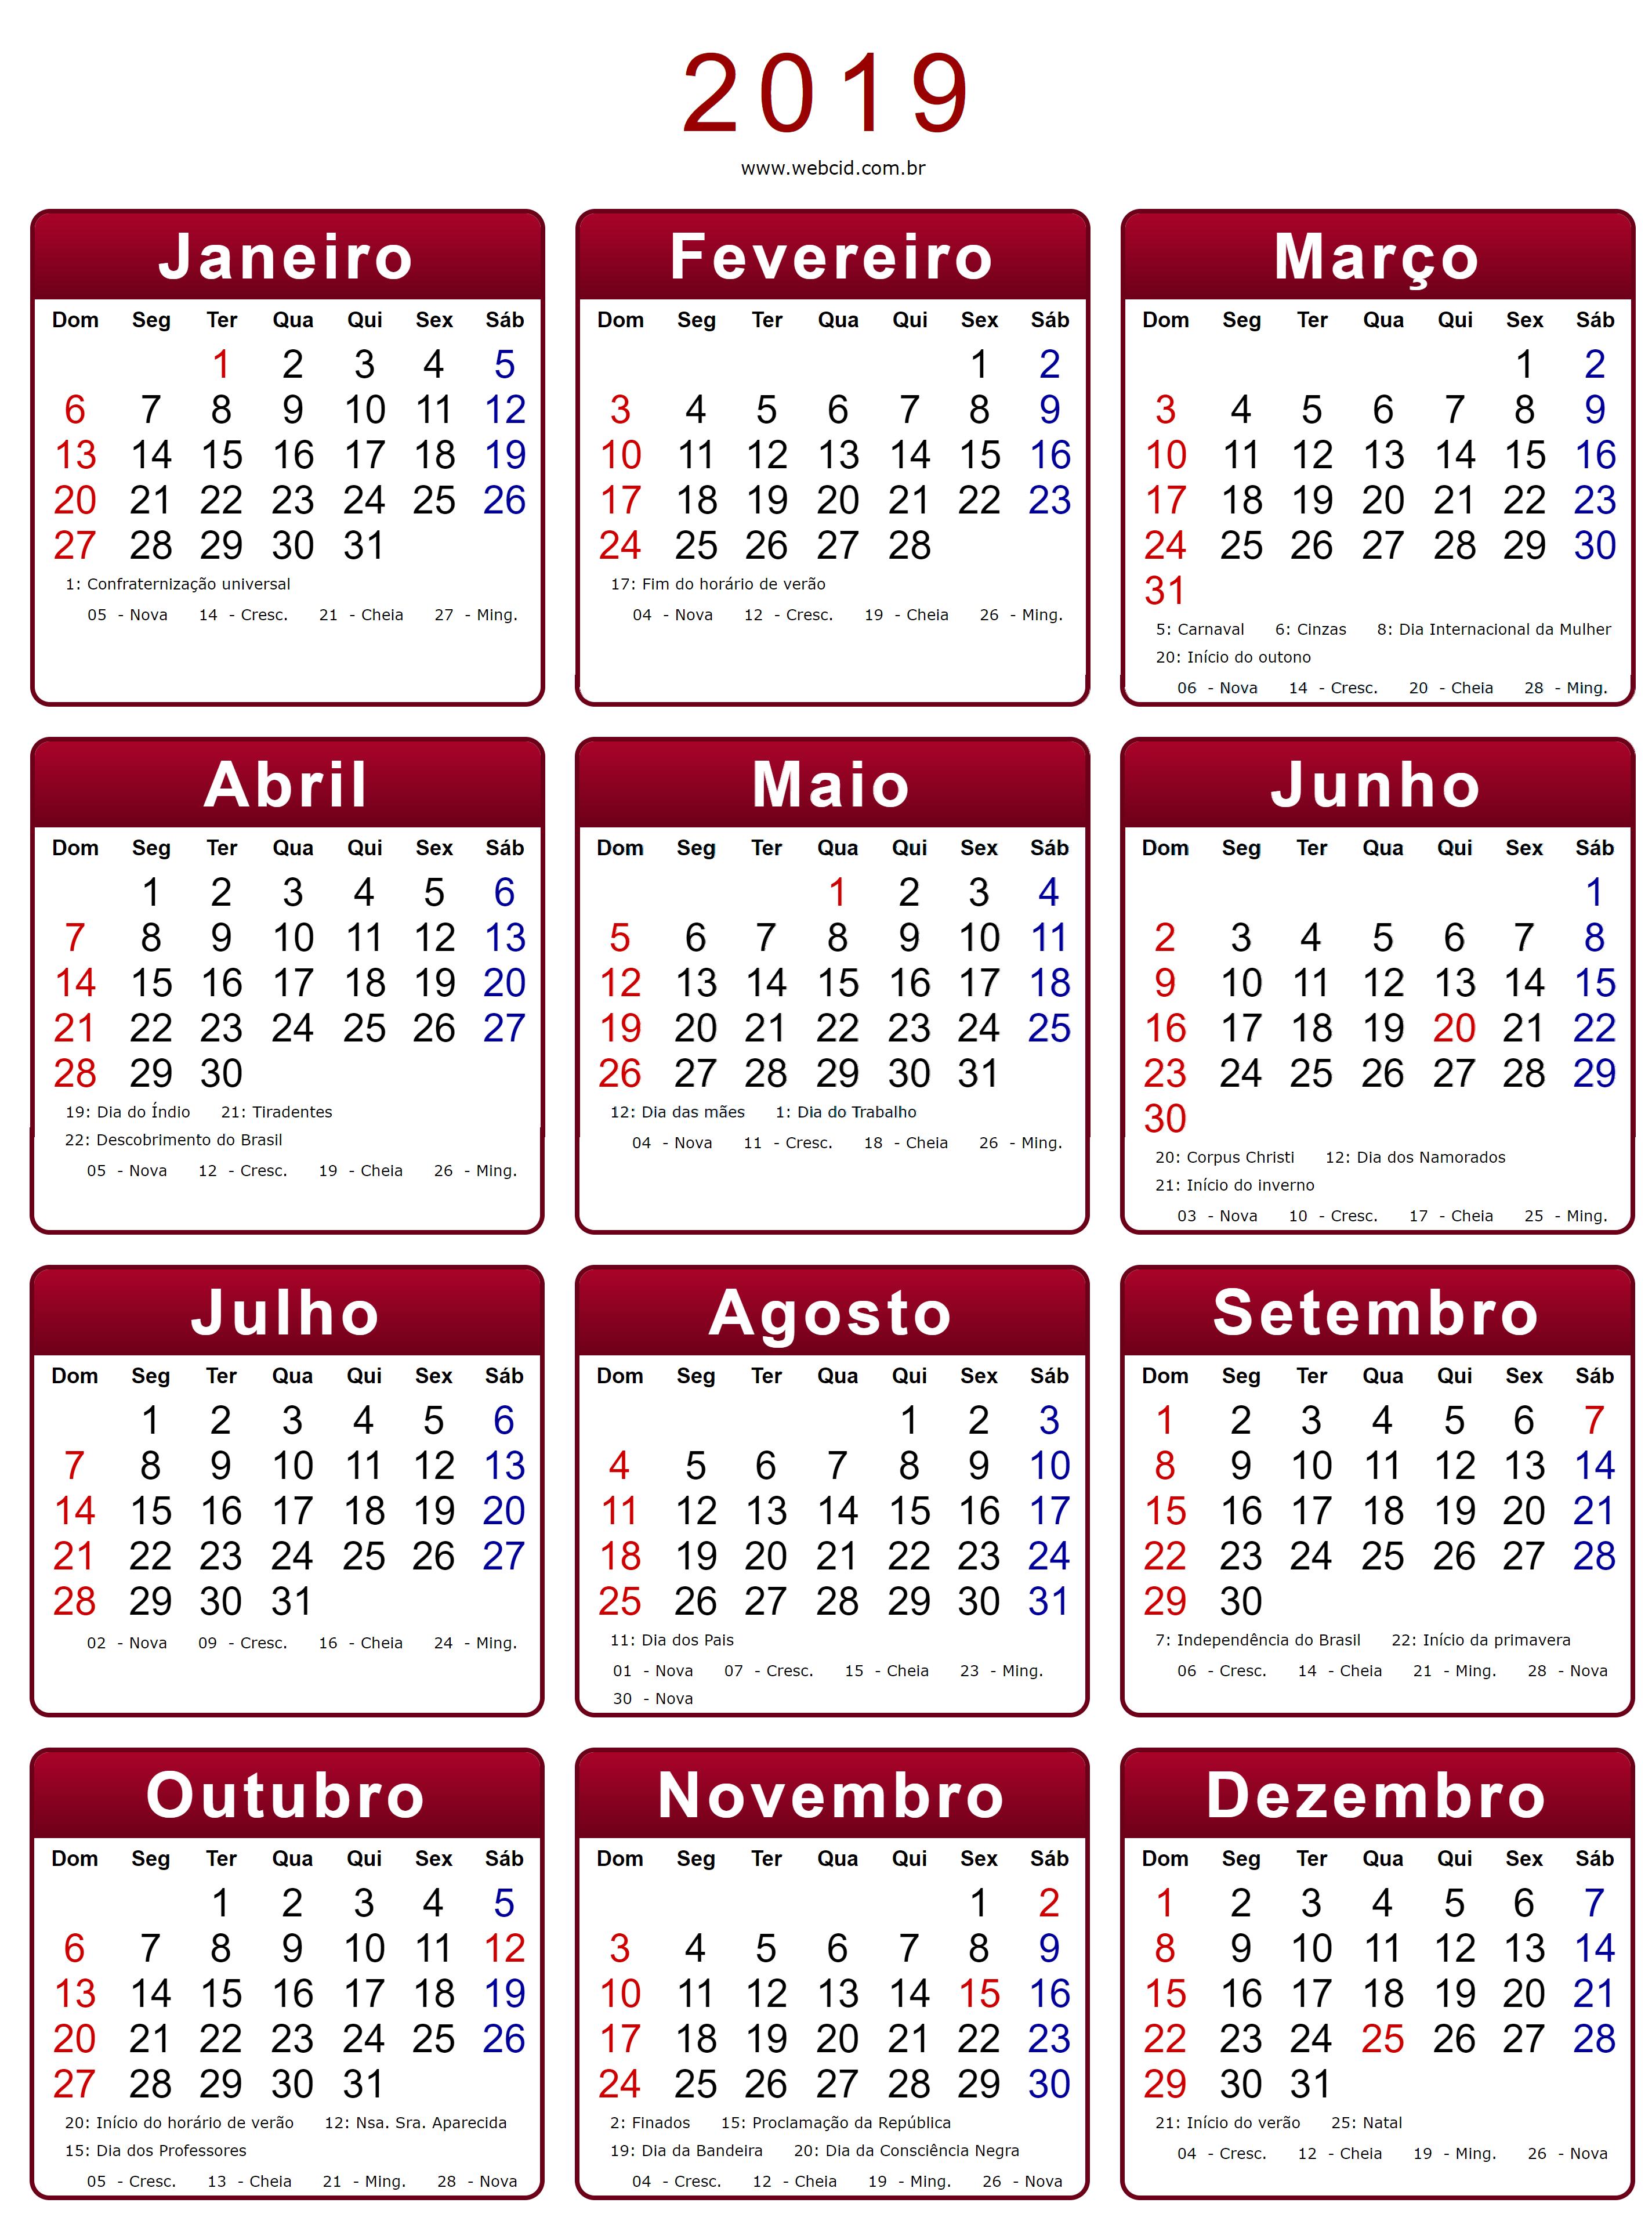 Calendario 2020 Pdf Brasil.Calendario 2019 Em Png Pronto Para Voce Utilizar Webcid